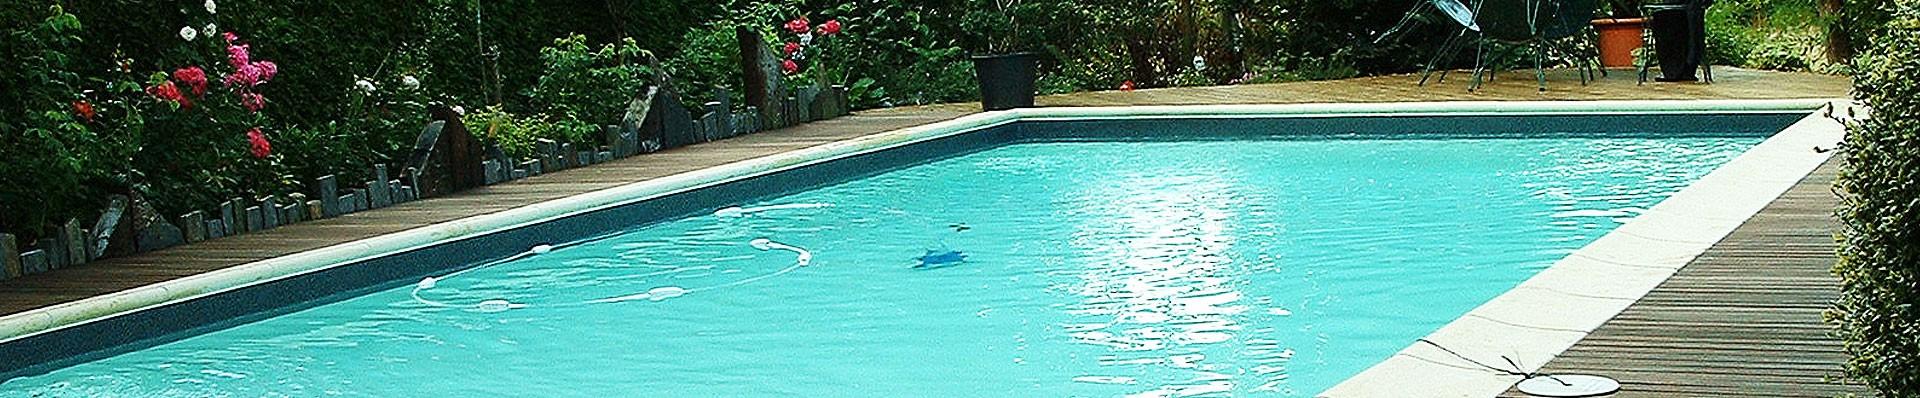 Constructeur de piscine angers en maine et loire 49 for Constructeur de piscine